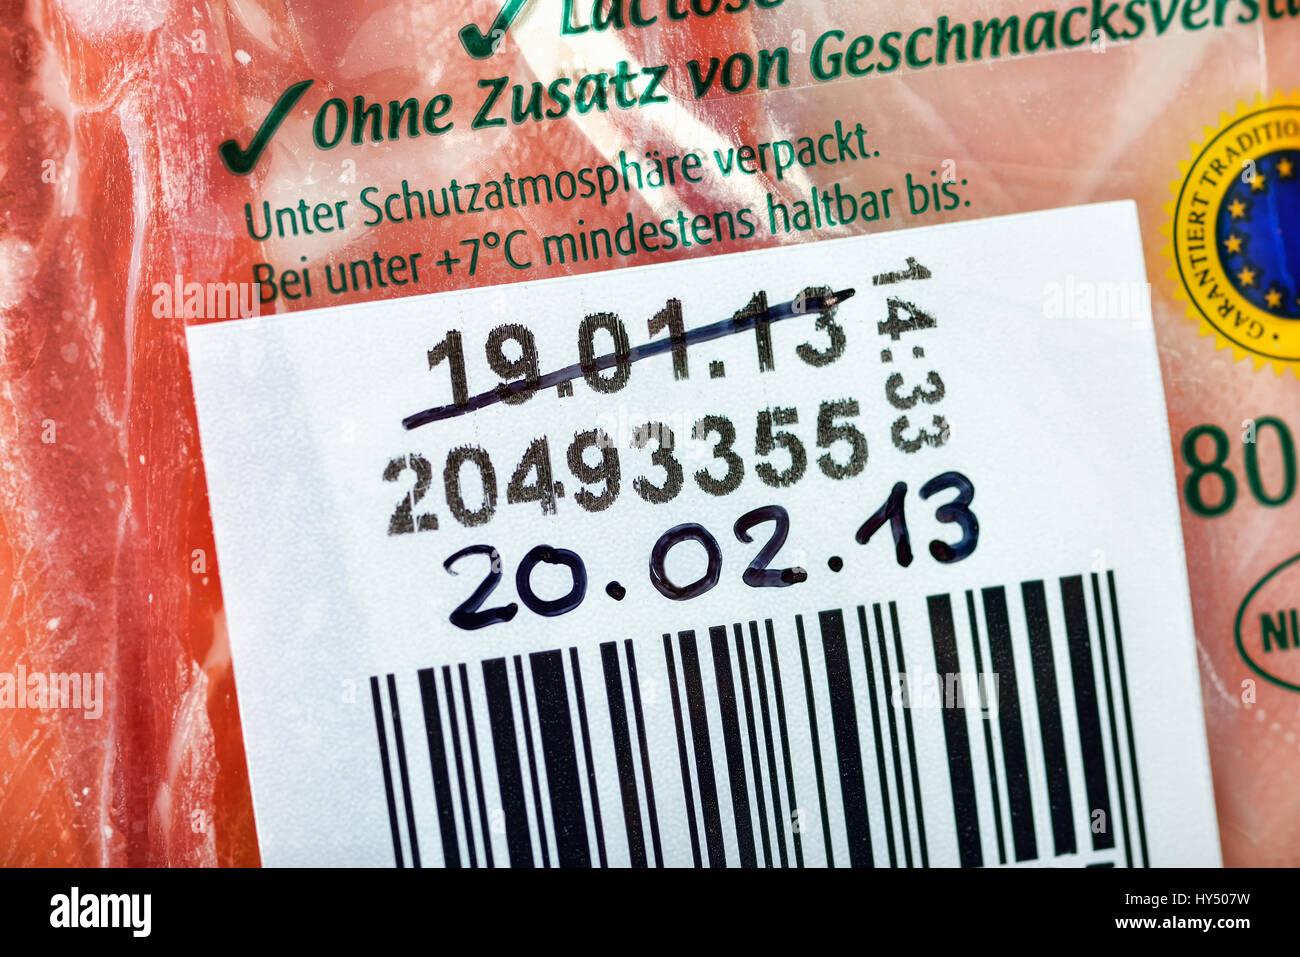 Extended durability date, Gammelfleisch scandal, Verlaengertes Haltbarkeitsdatum, Gammelfleisch-Skandal - Stock Image